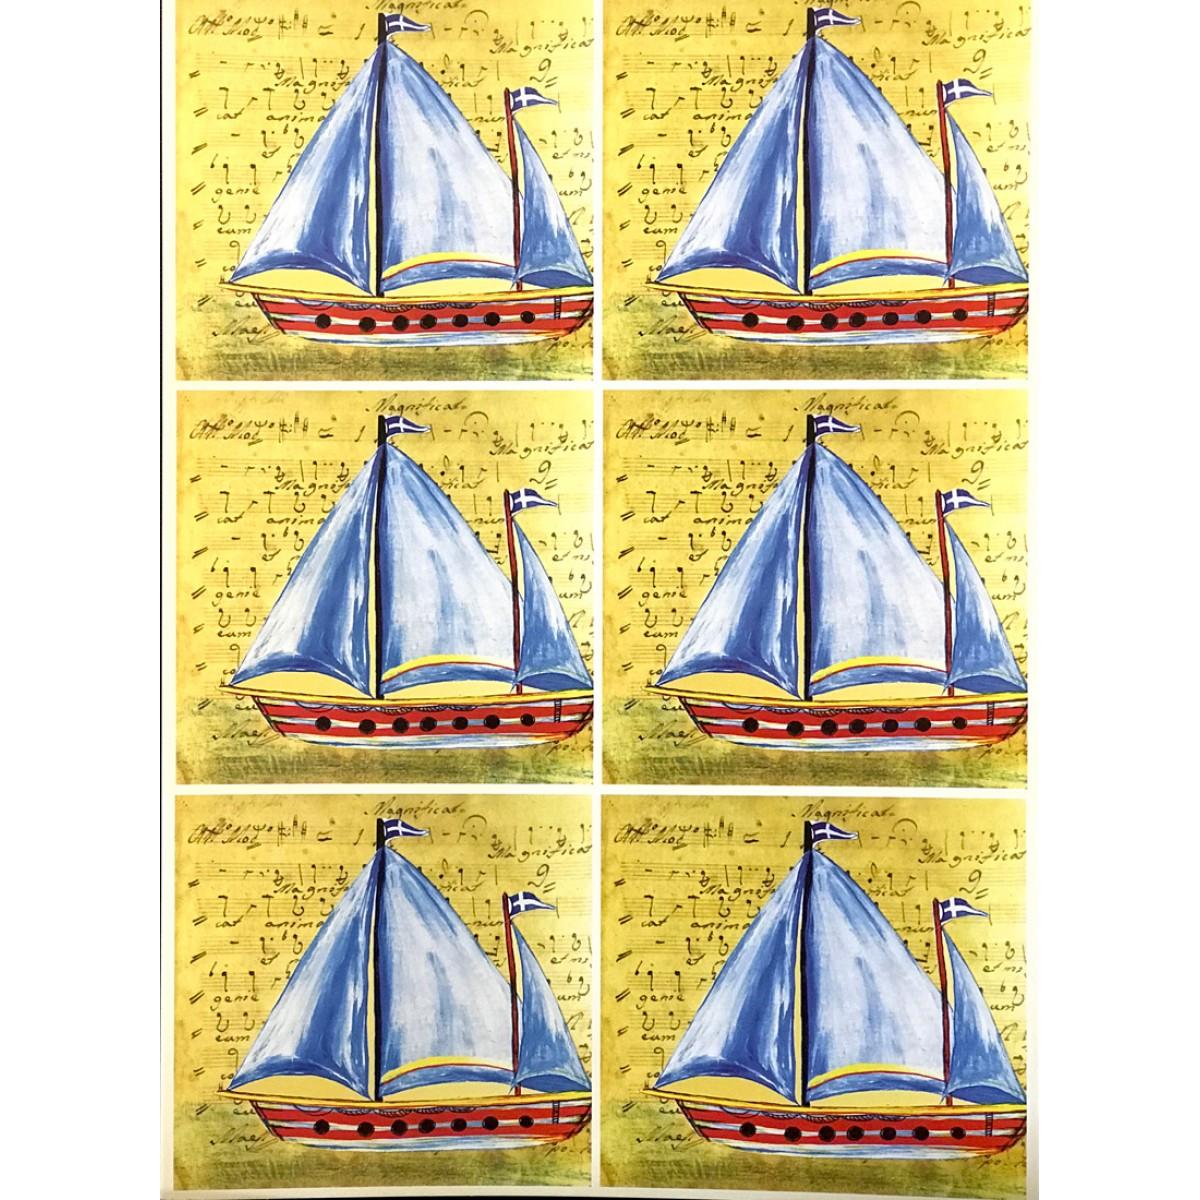 Χαρτόνι Παράθυρο Καραβάκια με Νότες 30x42cm